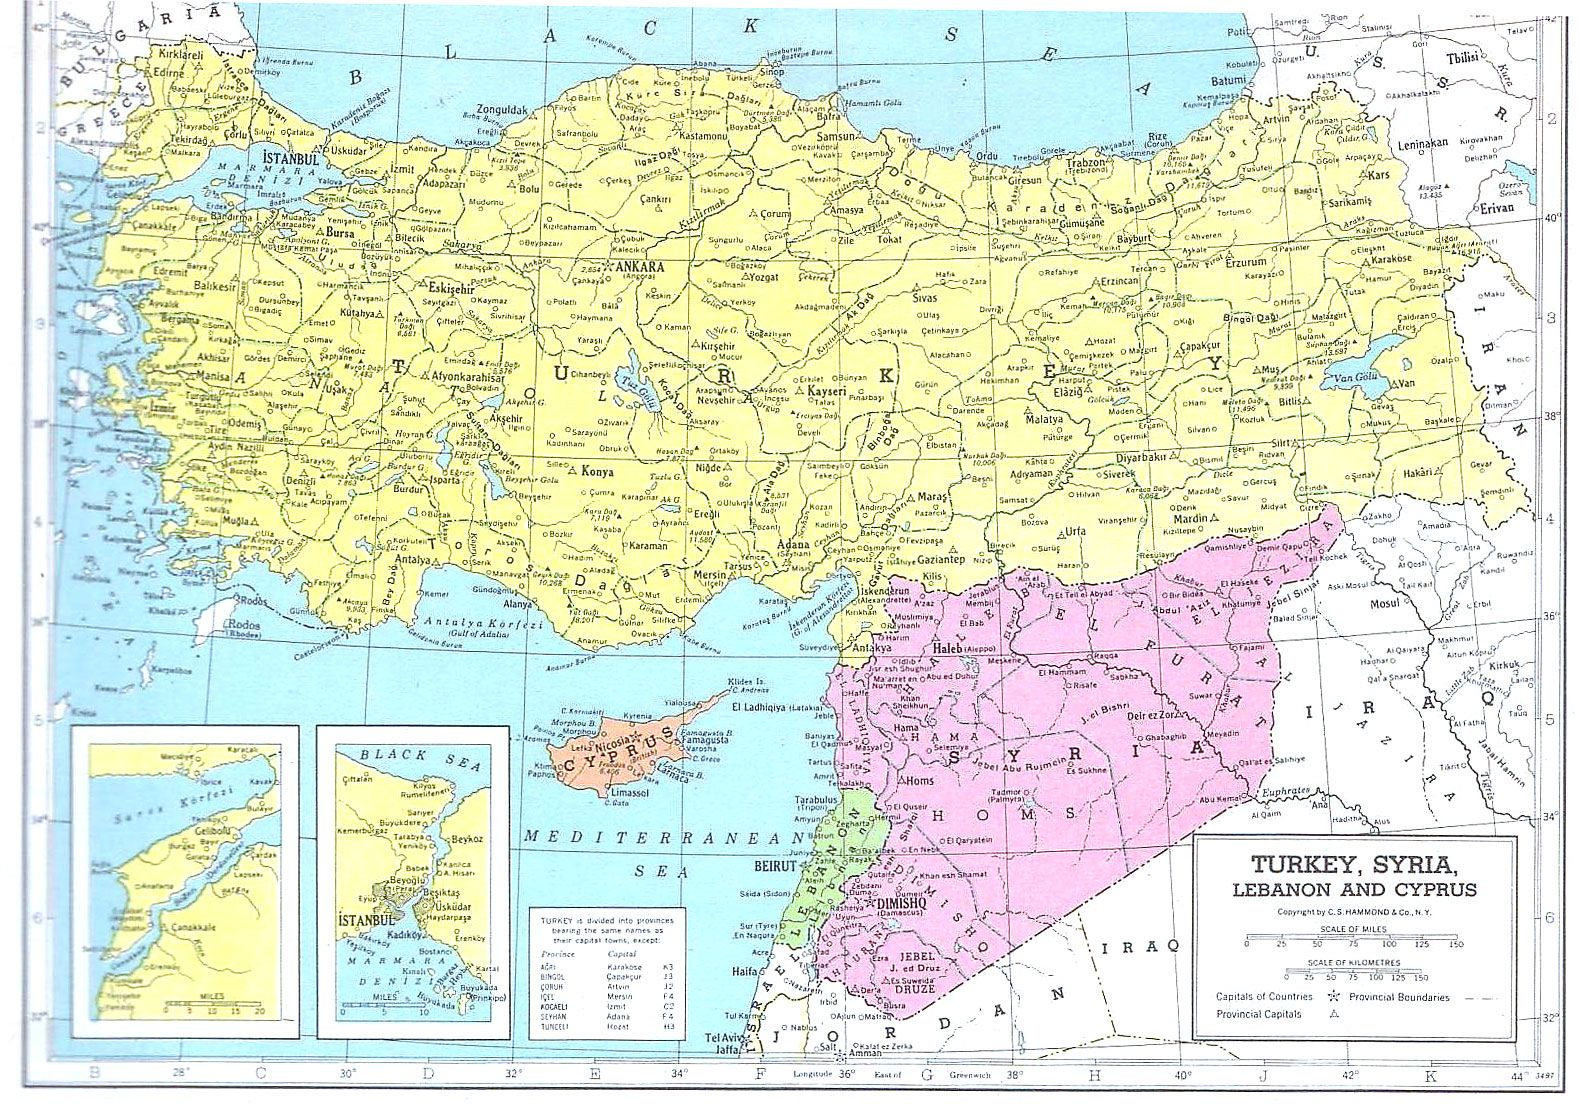 Turqu 237 A Siria L 237 Bano Y Chipre Mapa 1949 La Base De